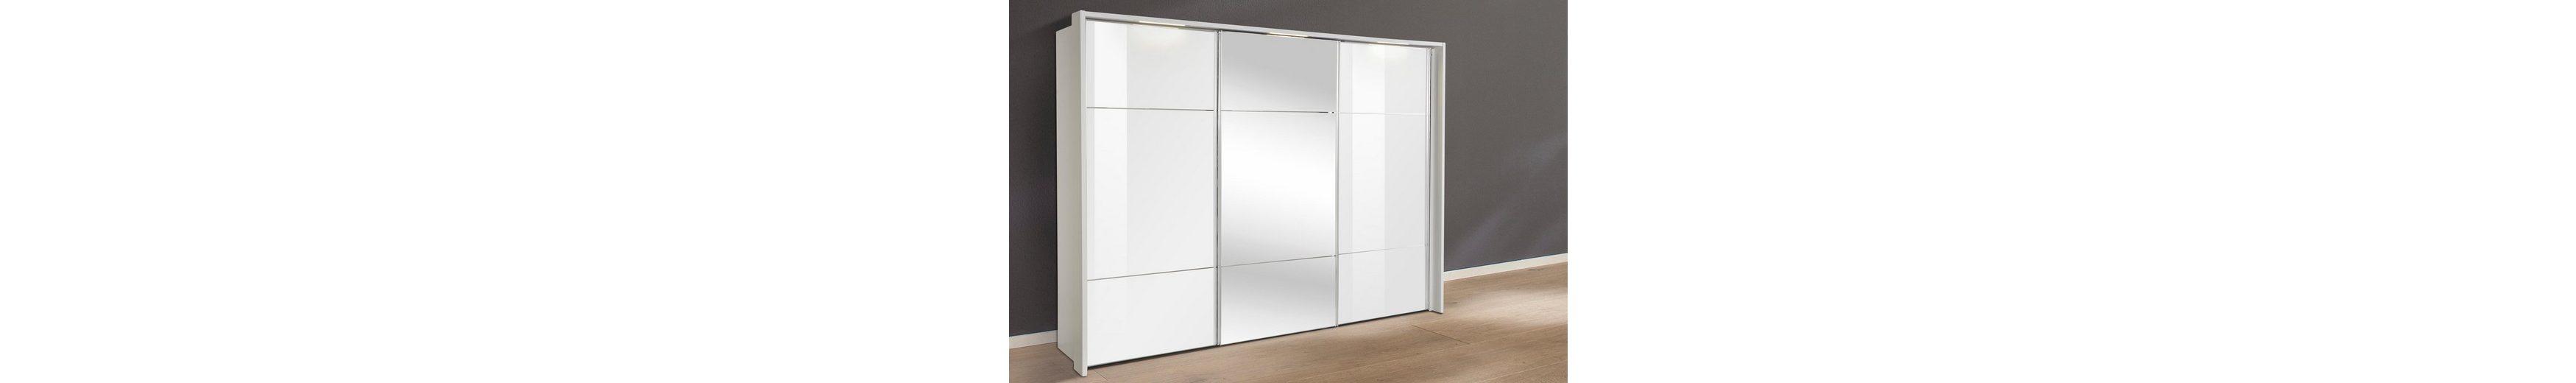 nolte® Möbel Schwebetürenschrank »Marcato«, mit Fronten aus Weißglas und Spiegel